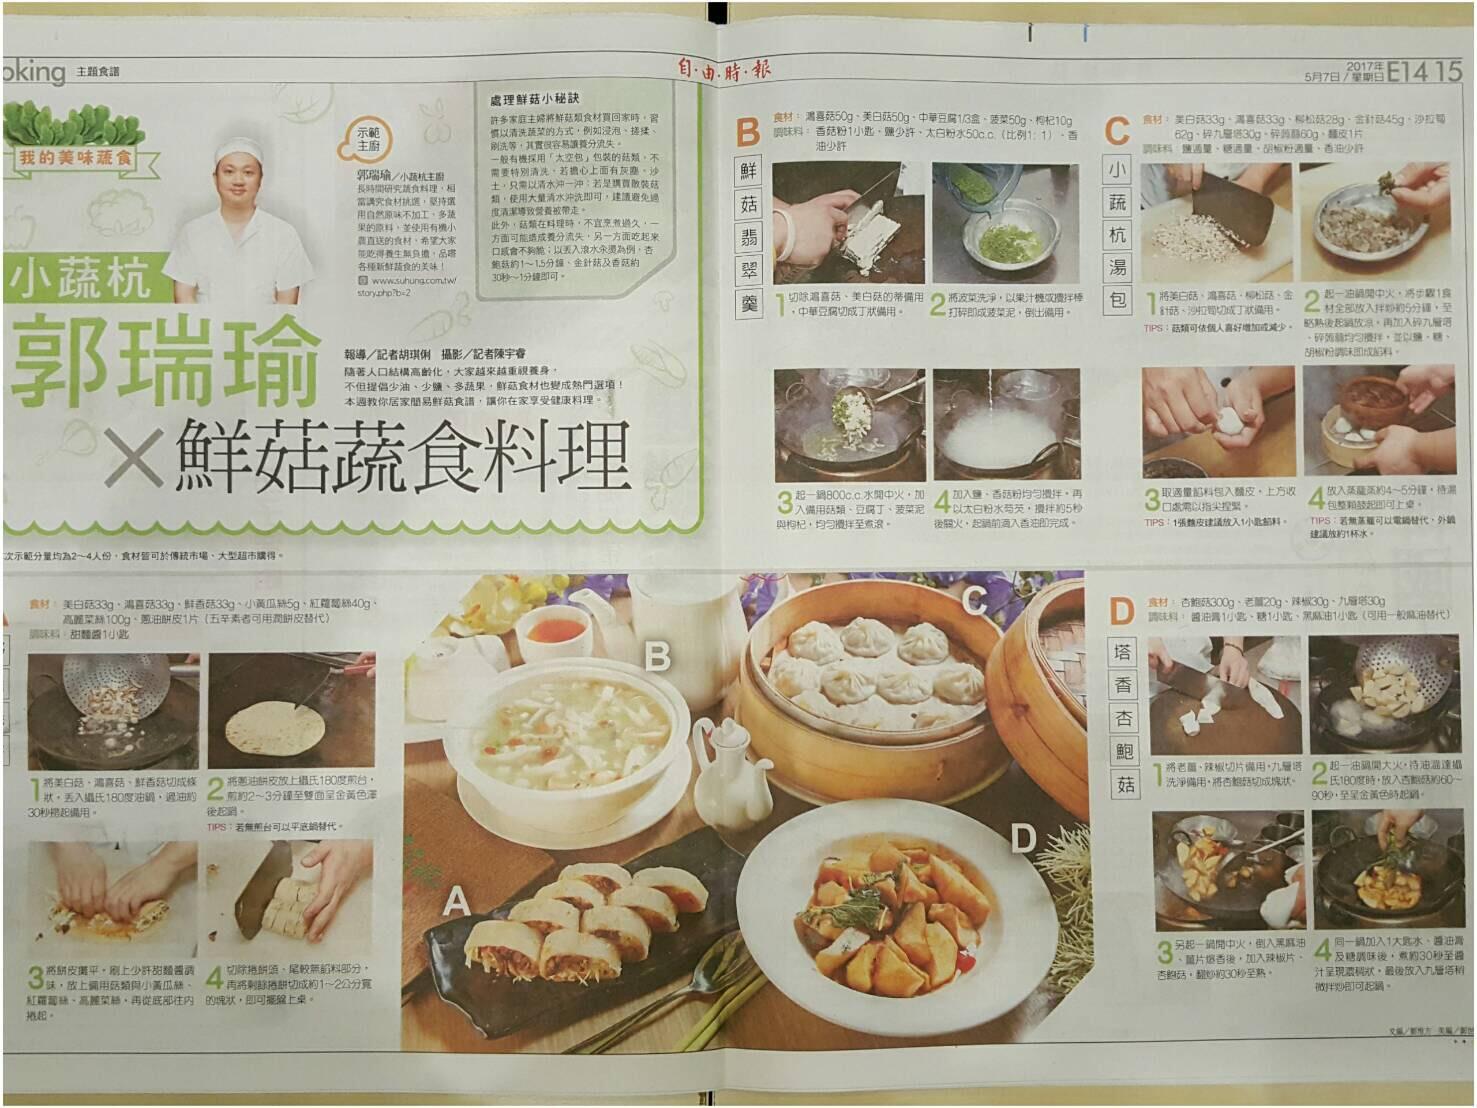 小蔬杭郭瑞瑜鮮菇蔬食料理